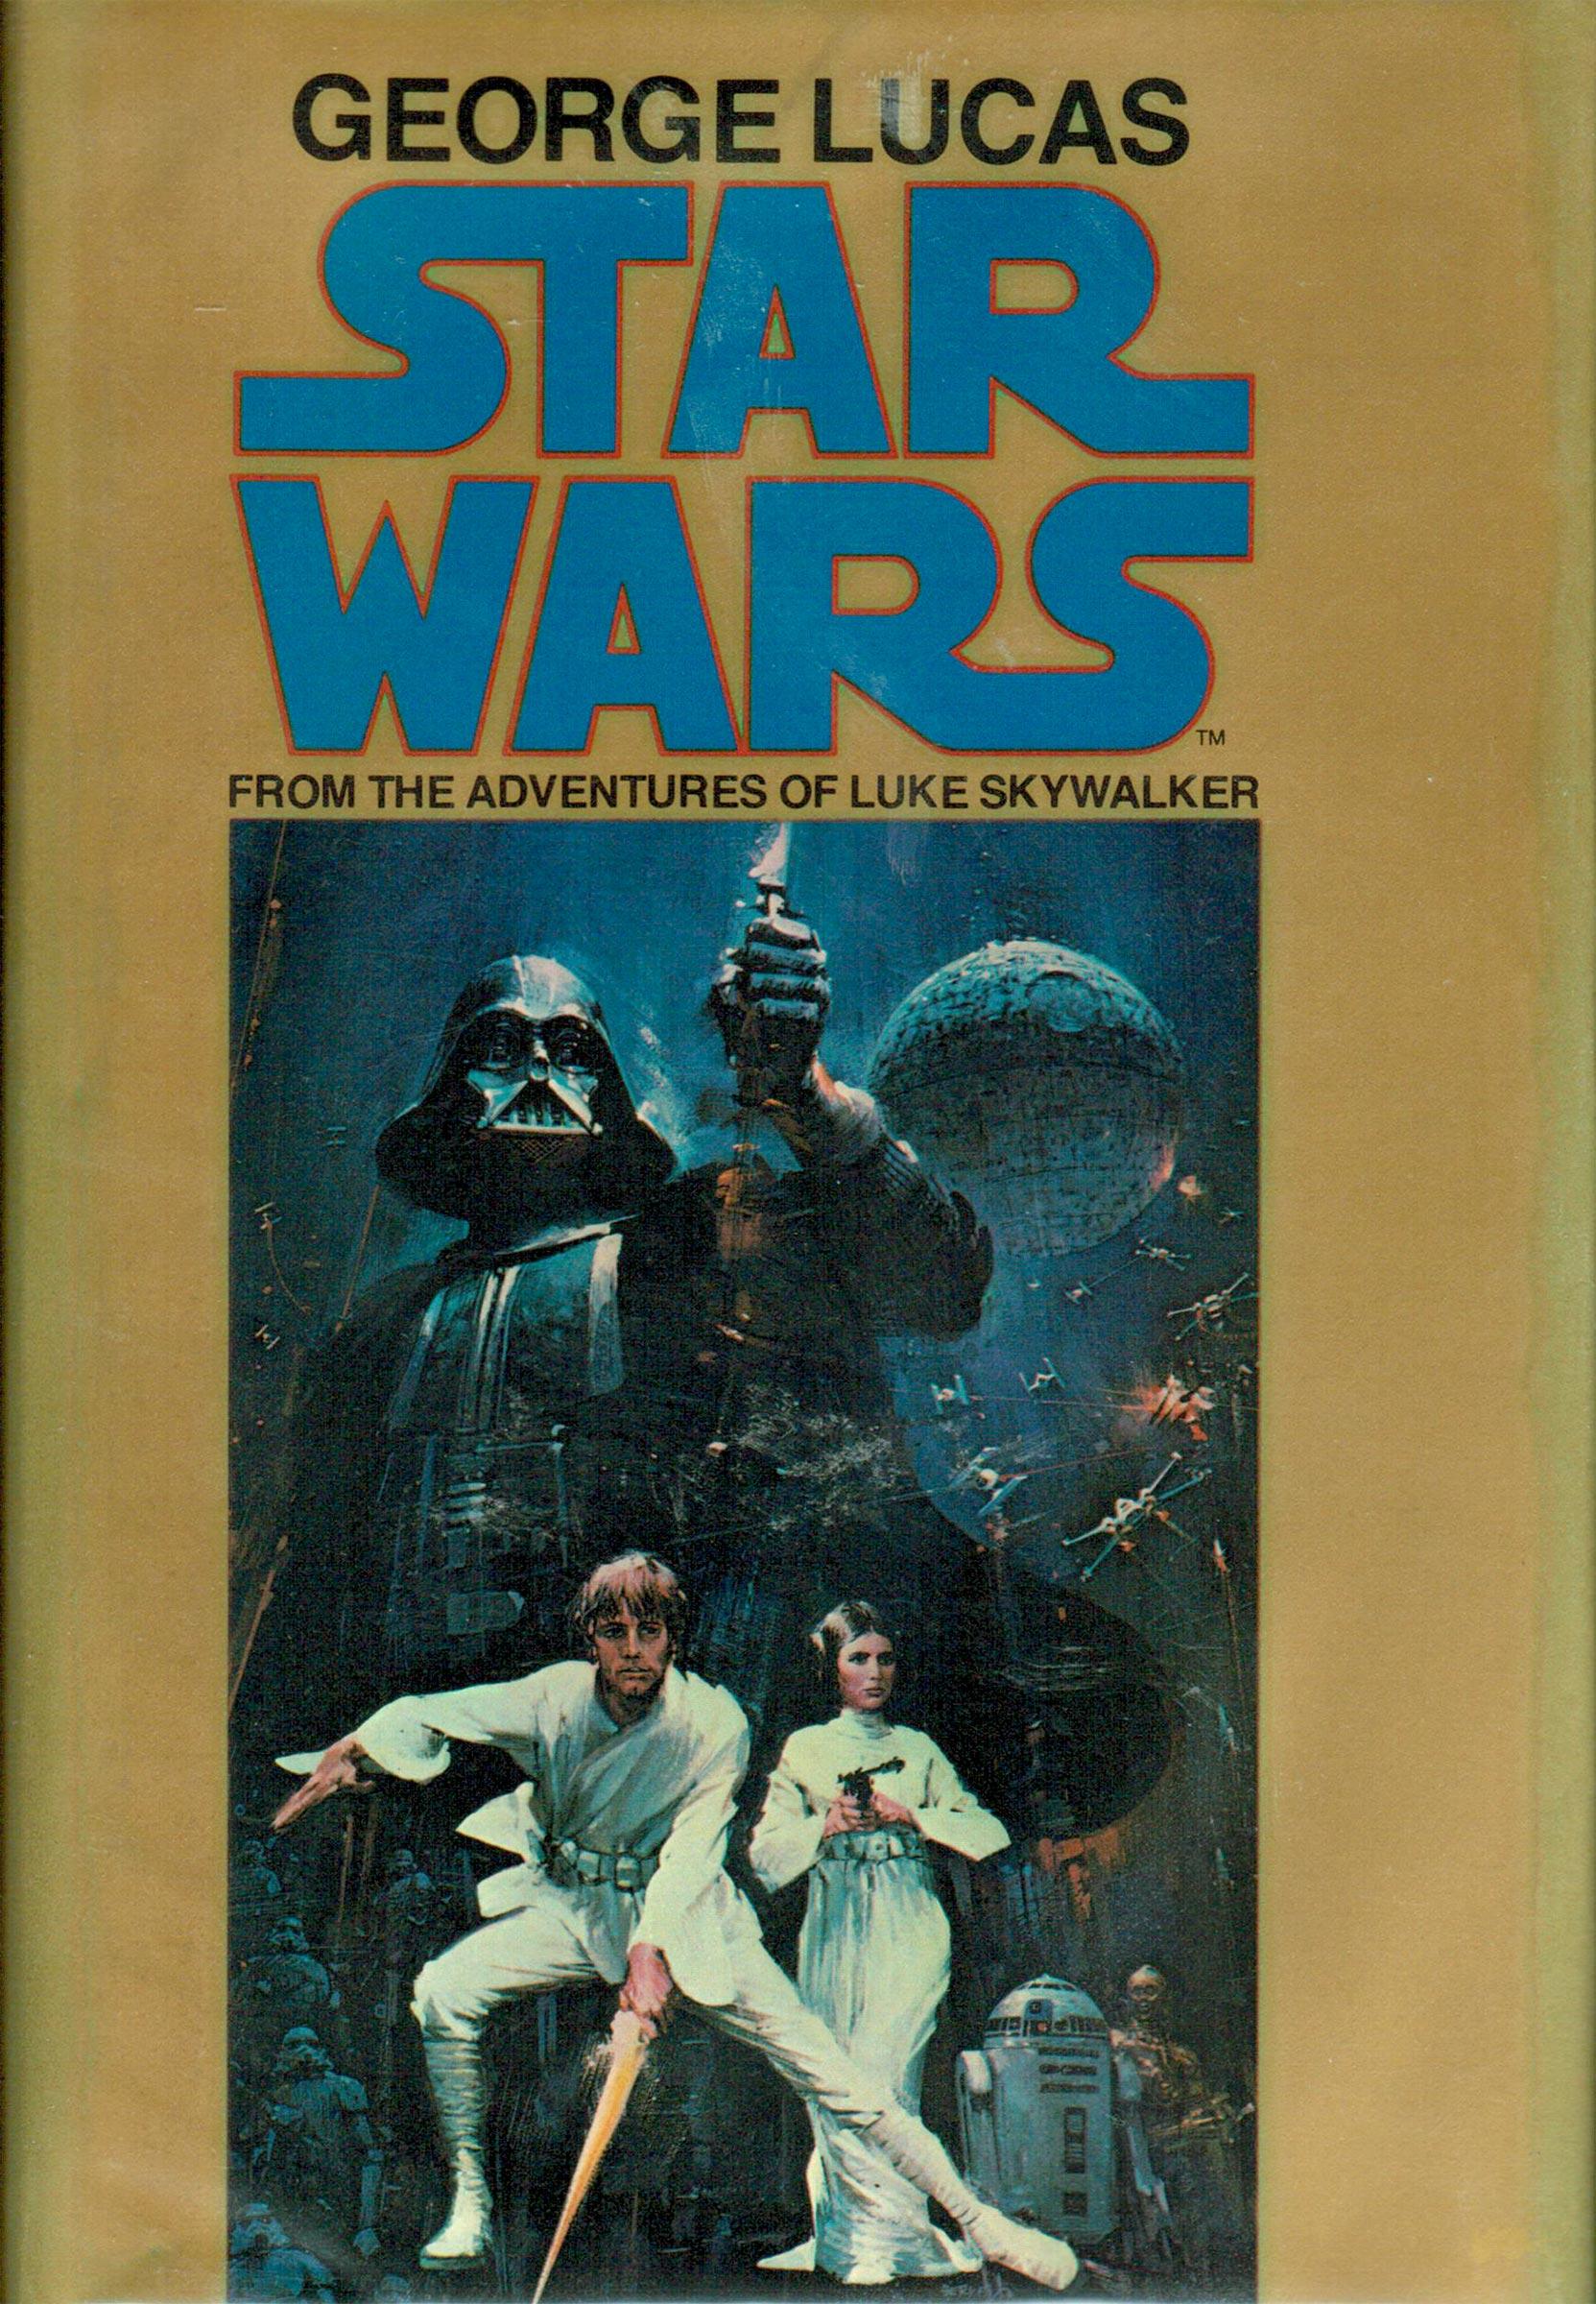 gsfa-star-wars-first-edition